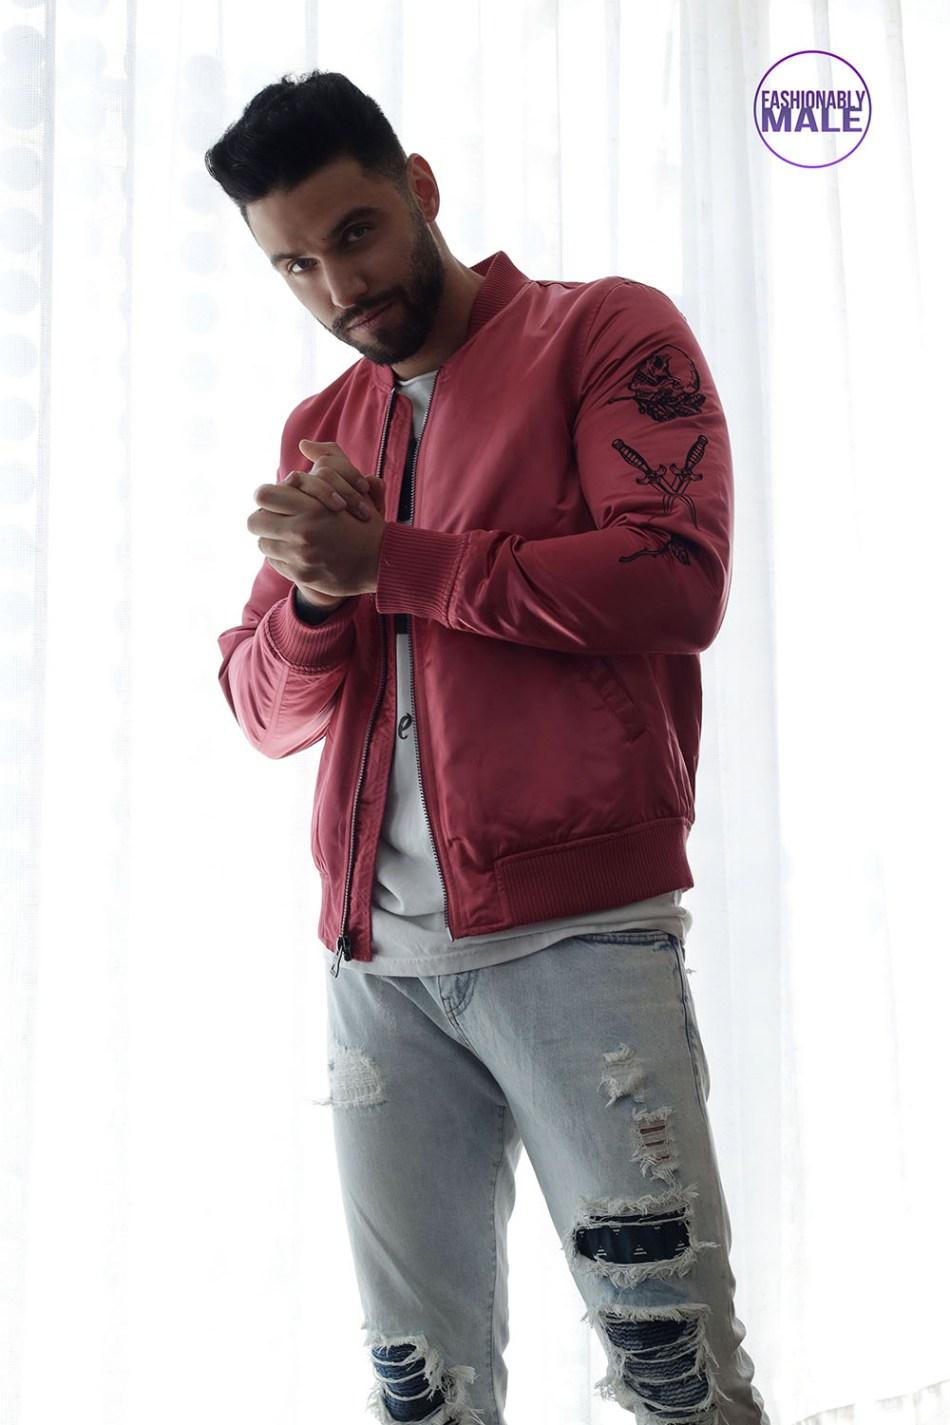 Fernando Lozada by Afif Kattan for Fashionably Male10